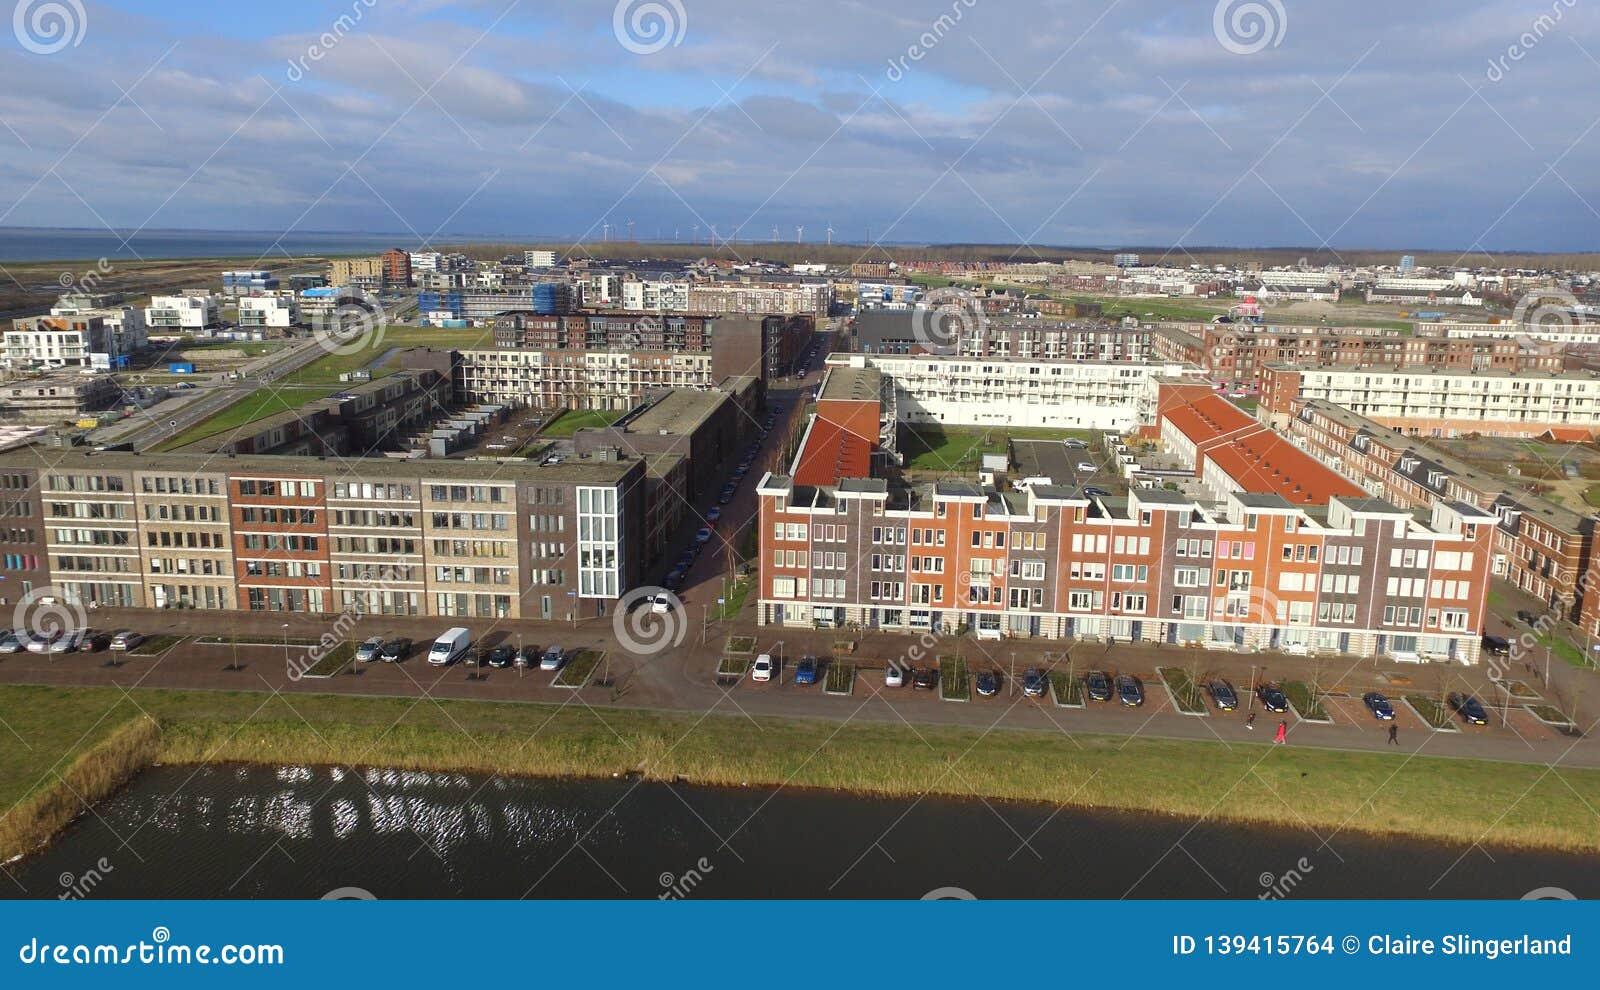 Aerial view on Almere Poort